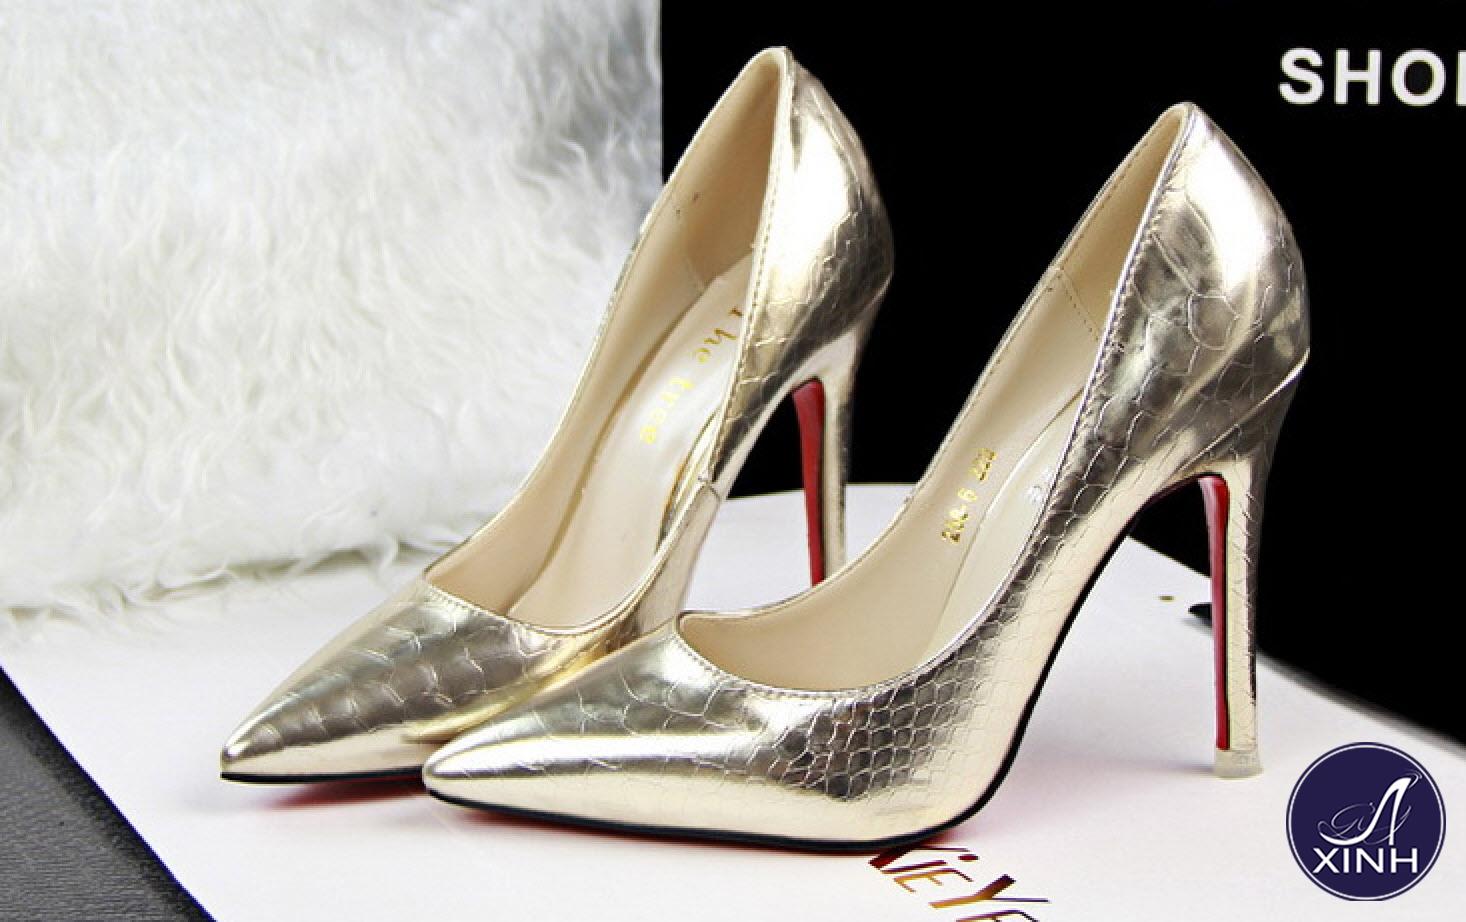 Giày cao gót cho học sinh - Mua giày cao gót